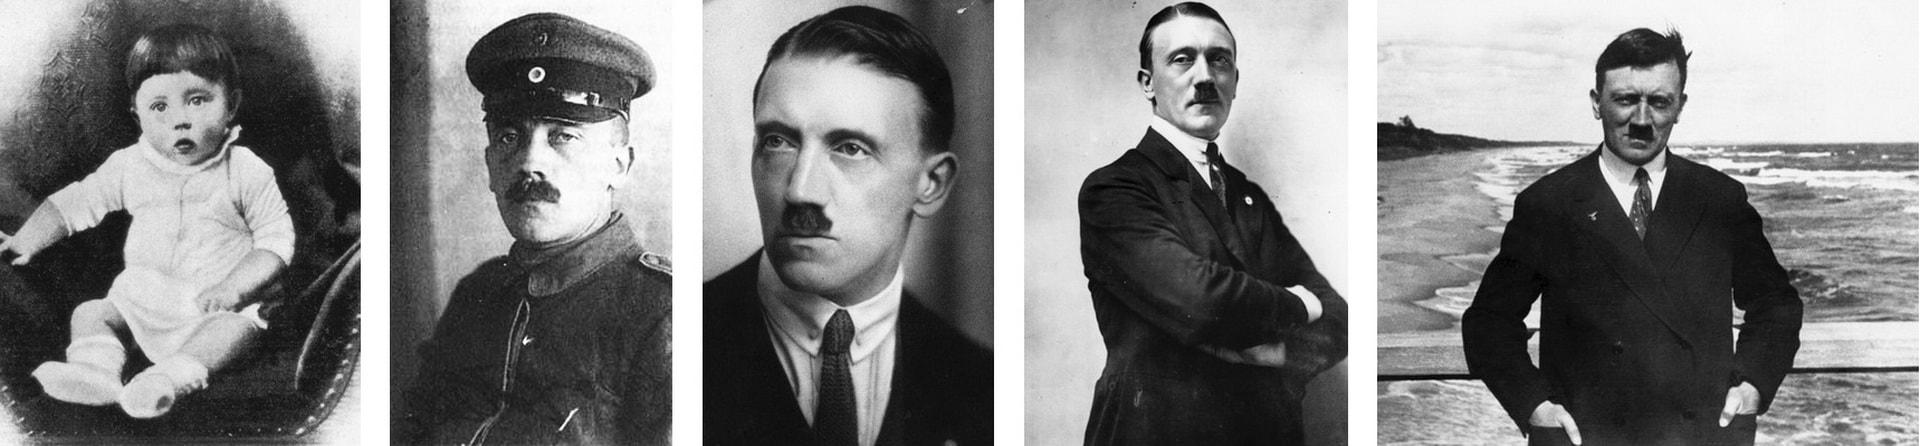 Молодой Адольф Гитлер - Уильям Ширер